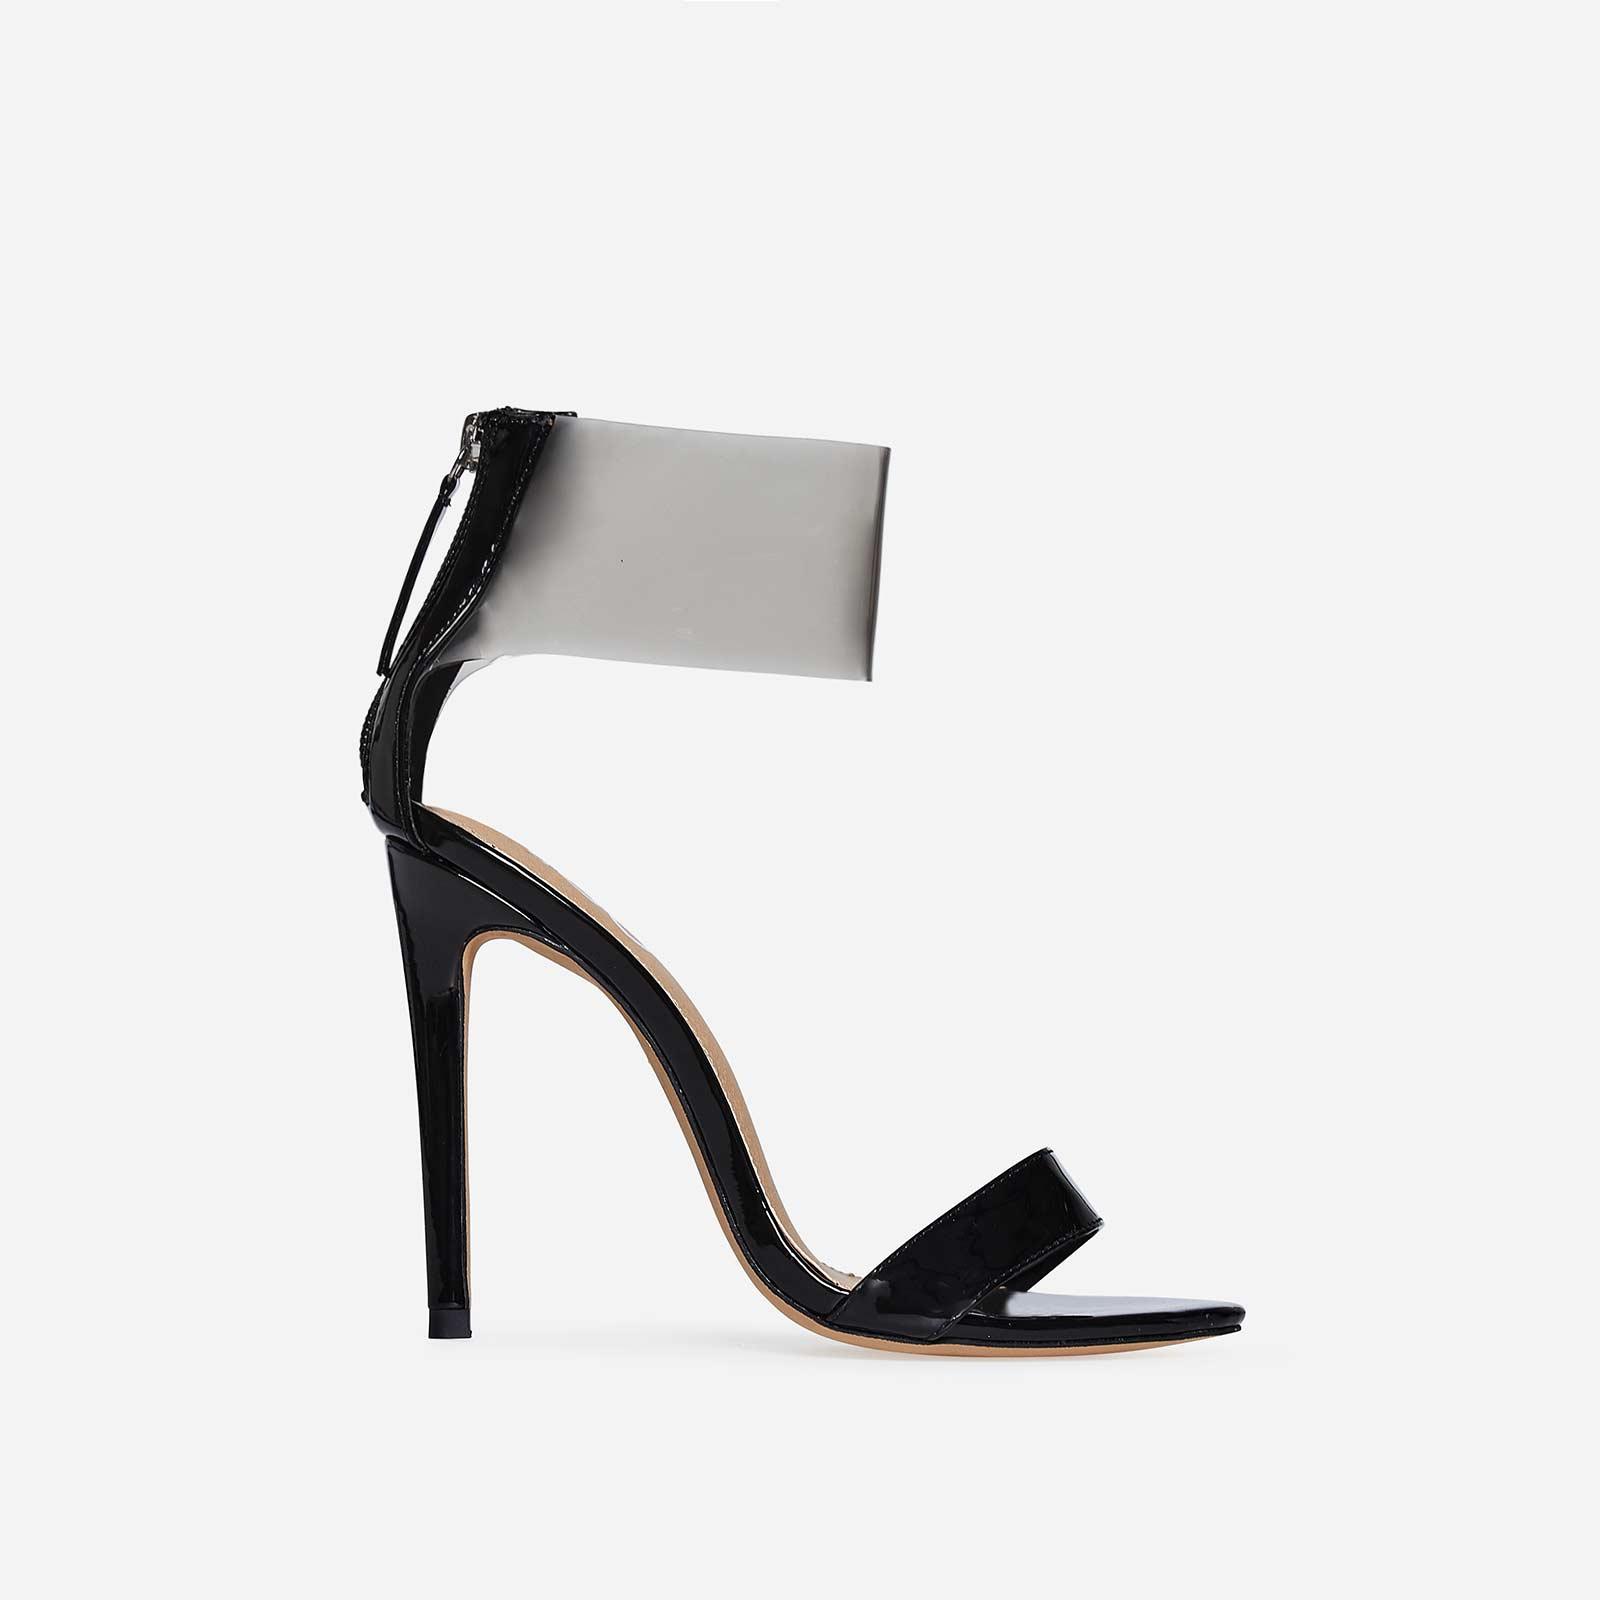 Britt Perspex Cuff Heel In Black Patent